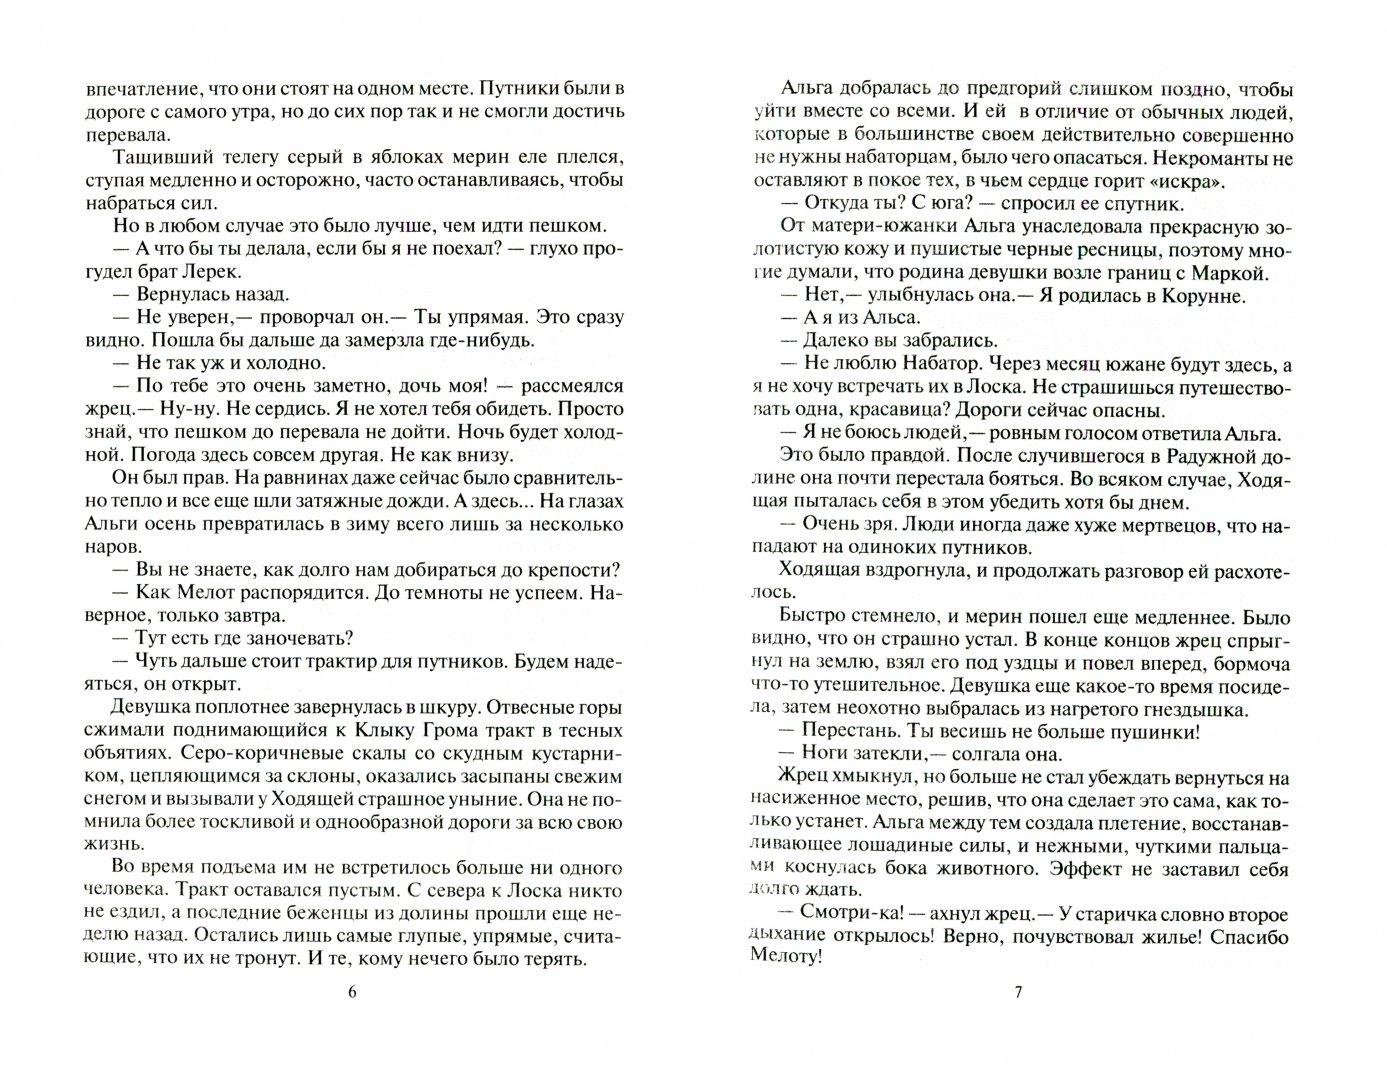 Иллюстрация 2 из 11 для Искра и ветер - Алексей Пехов | Лабиринт - книги. Источник: Лабиринт